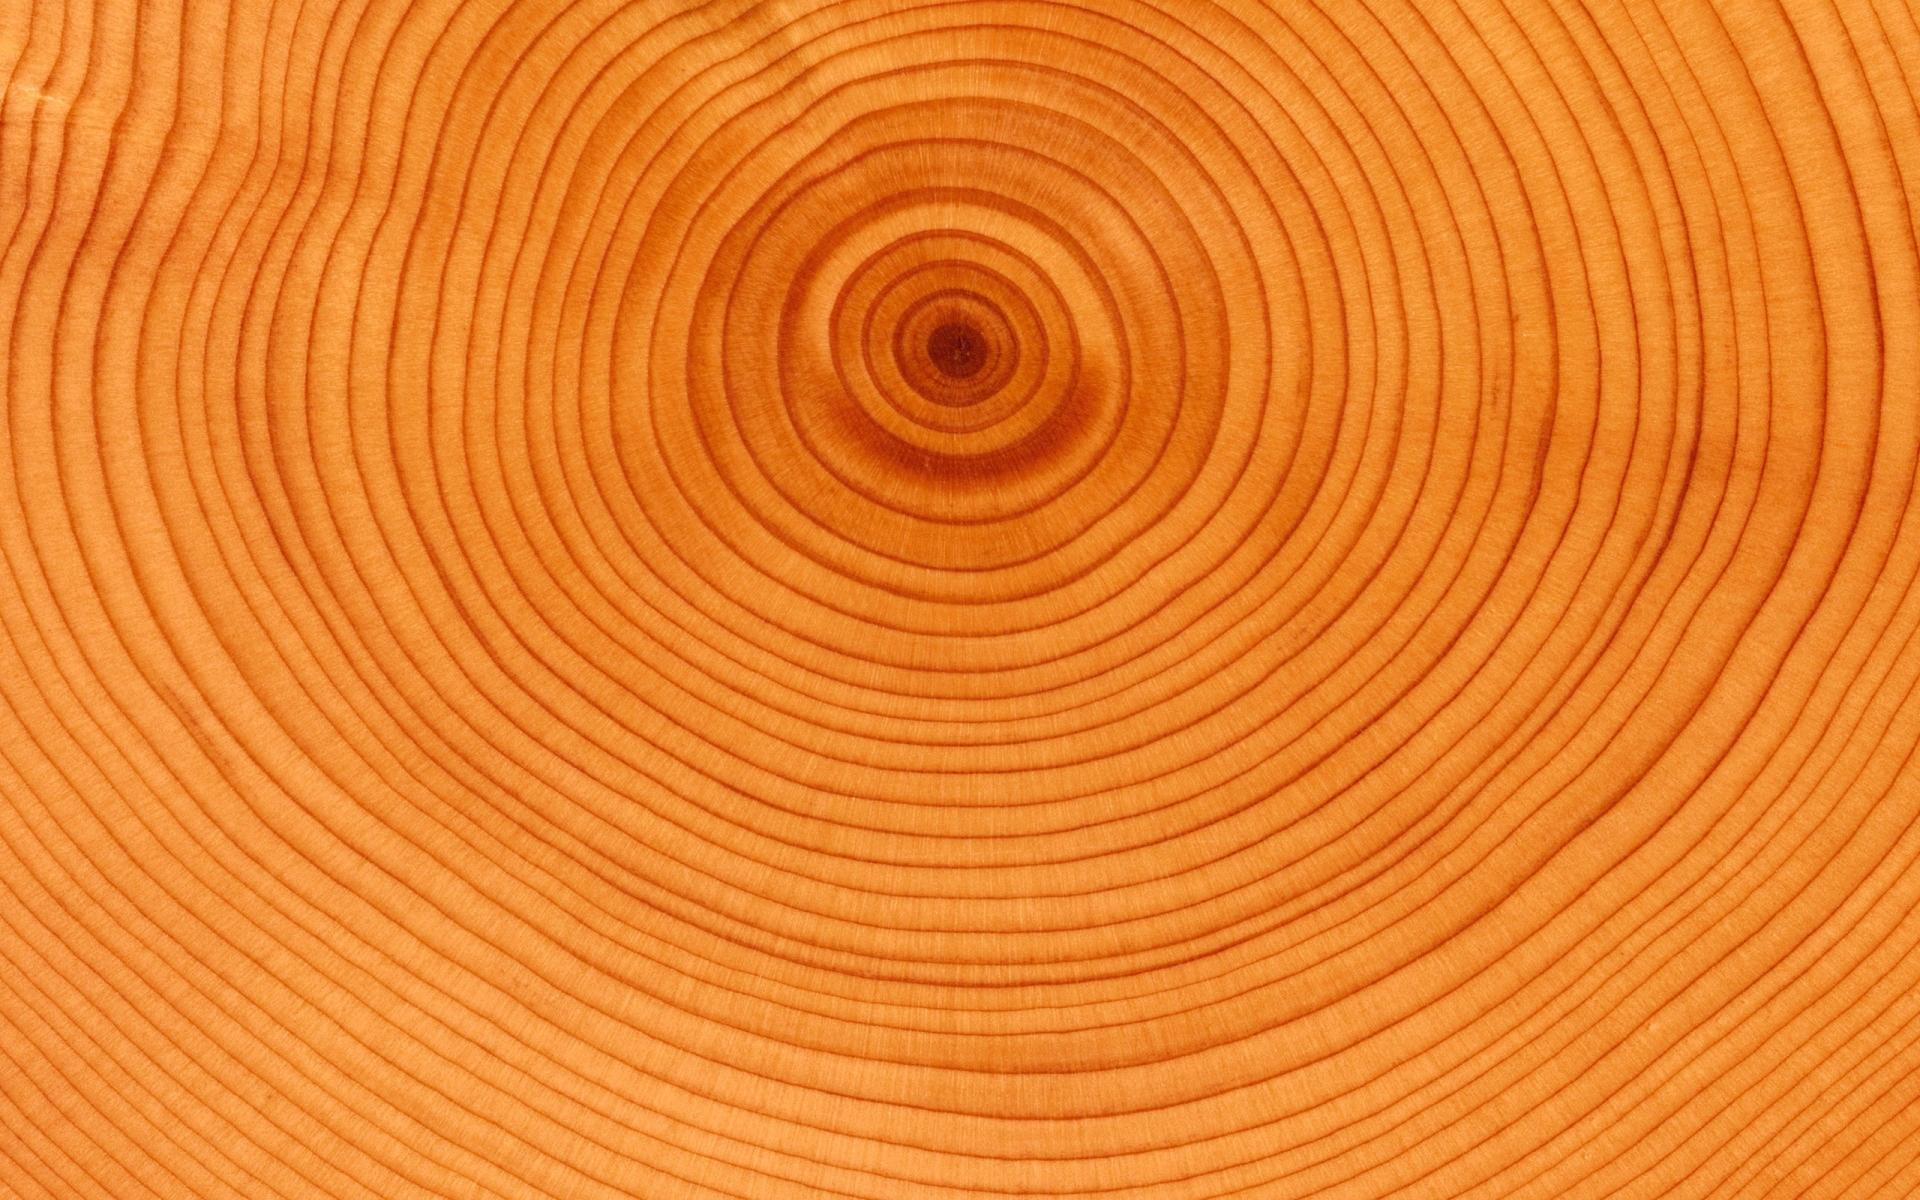 Textura de anillos de árbol - 1920x1200